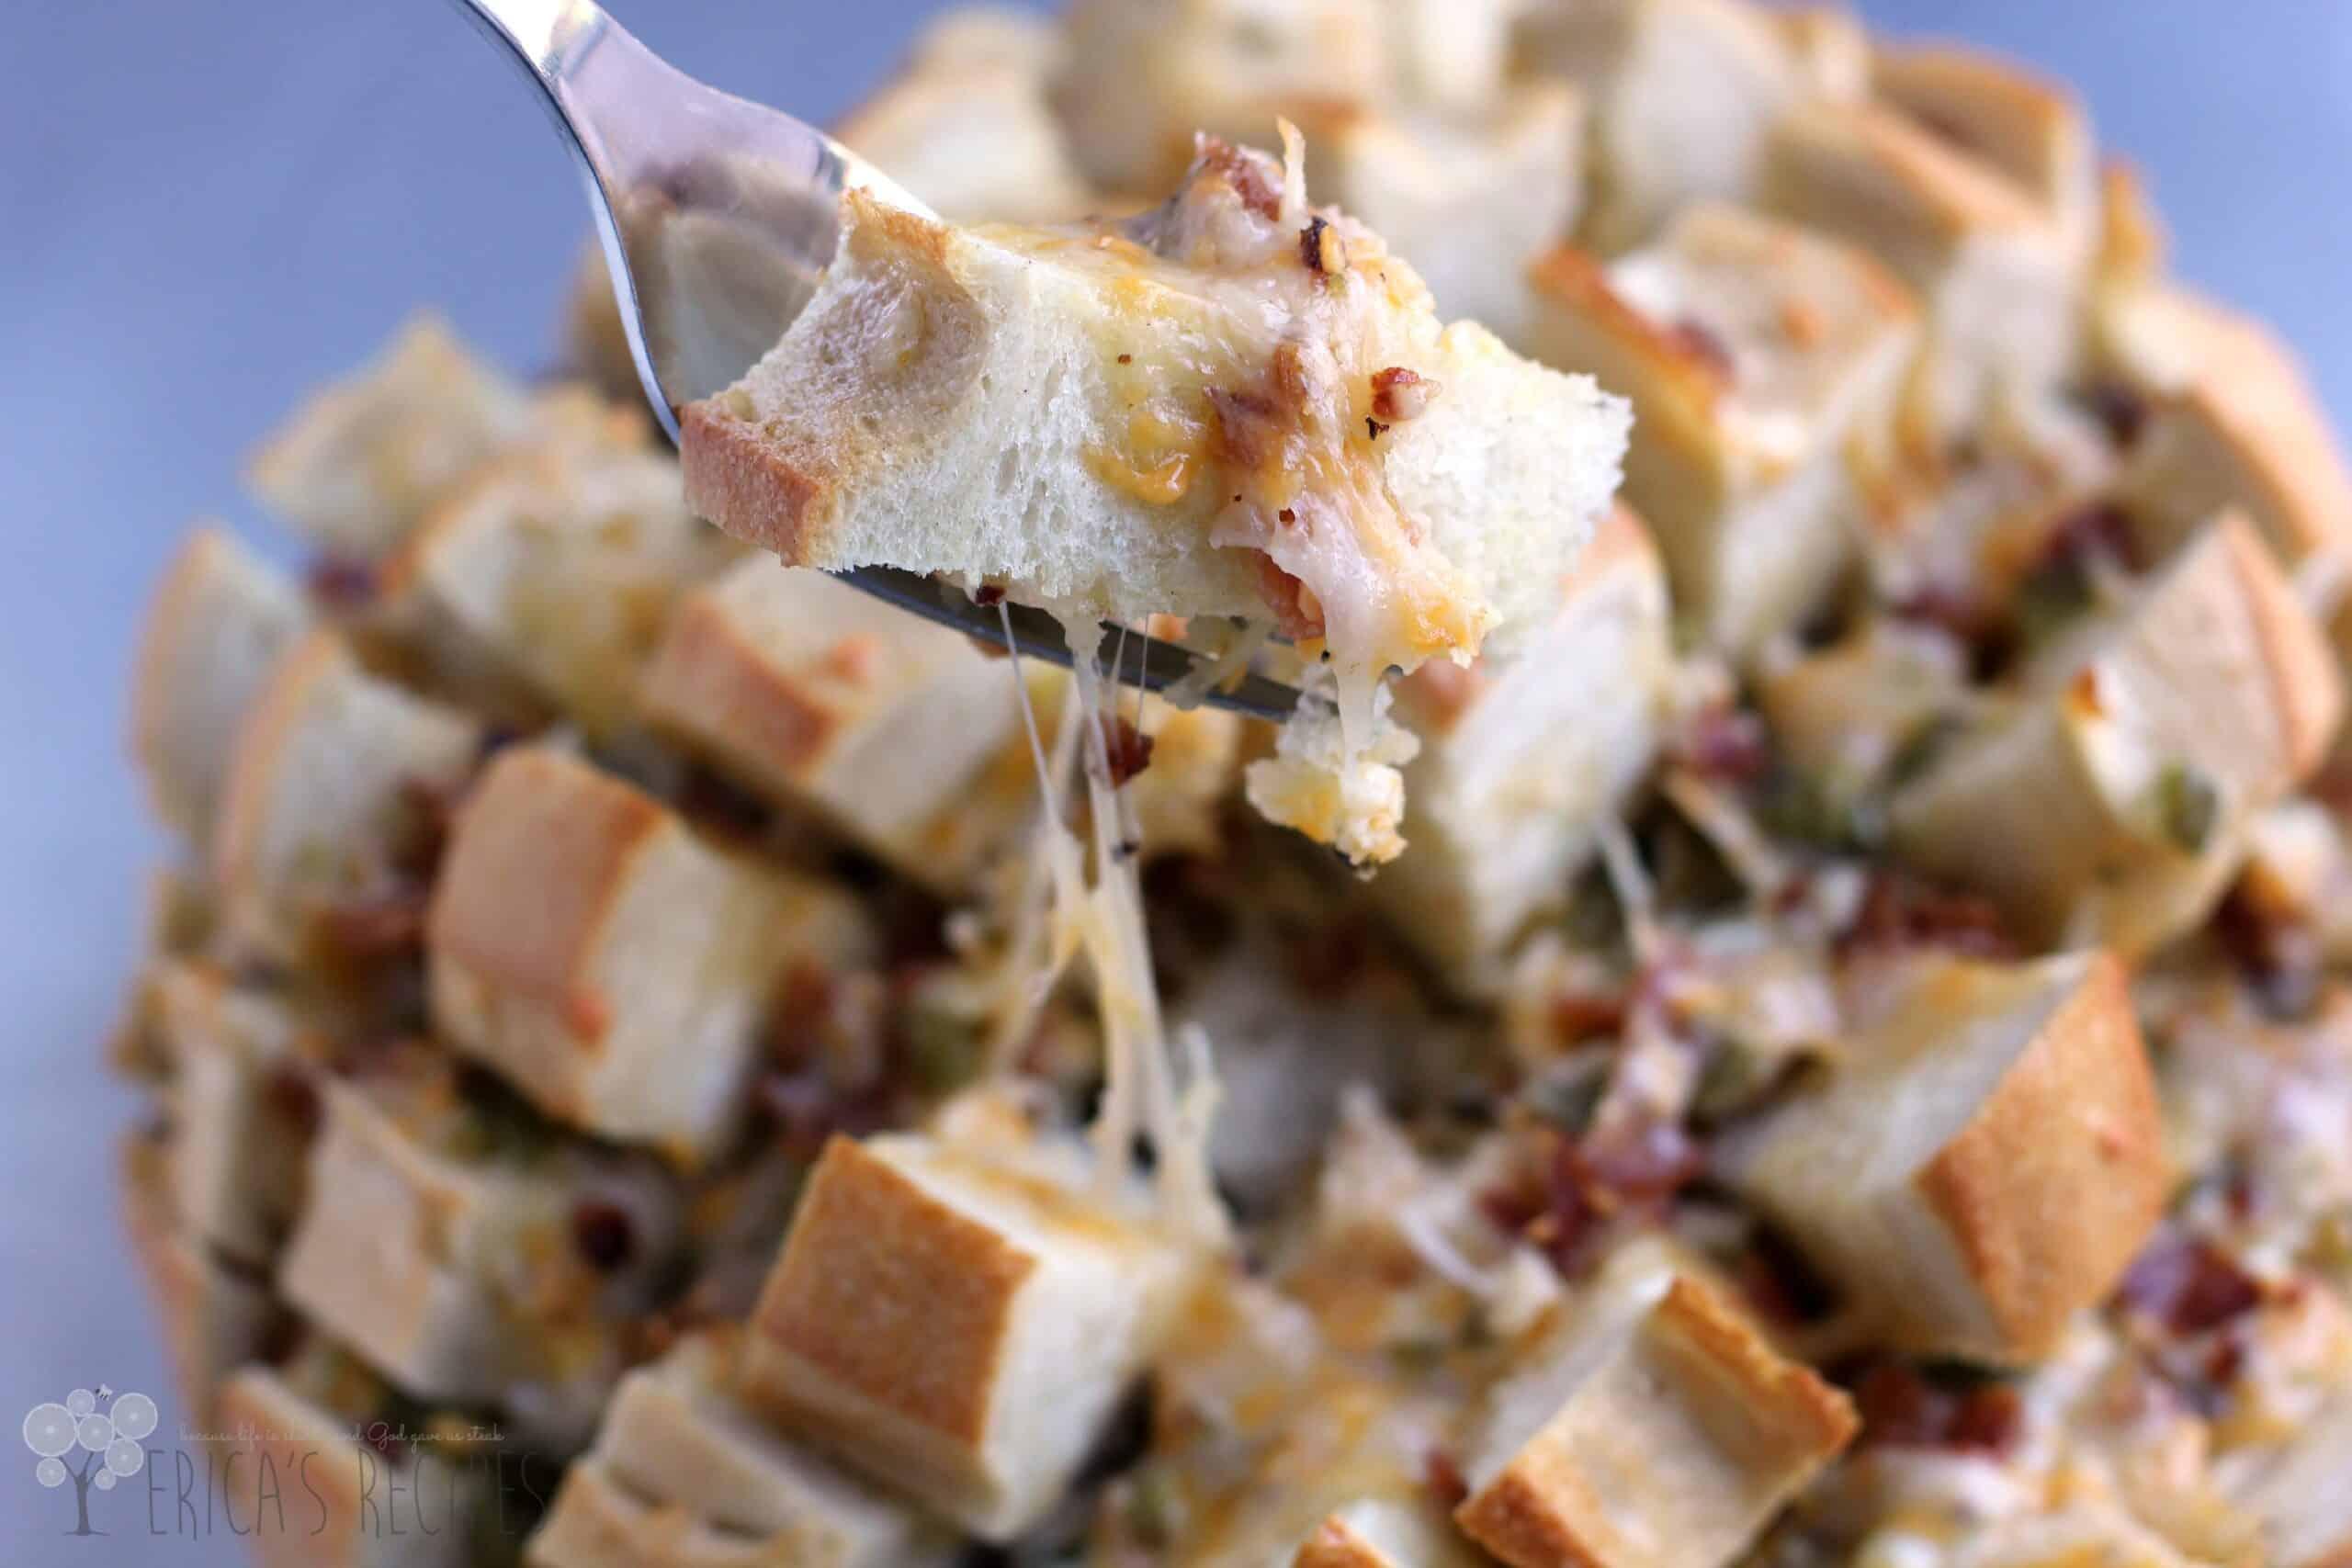 Cheesy Bacon Jalapeno Popper Pull-Apart Bread